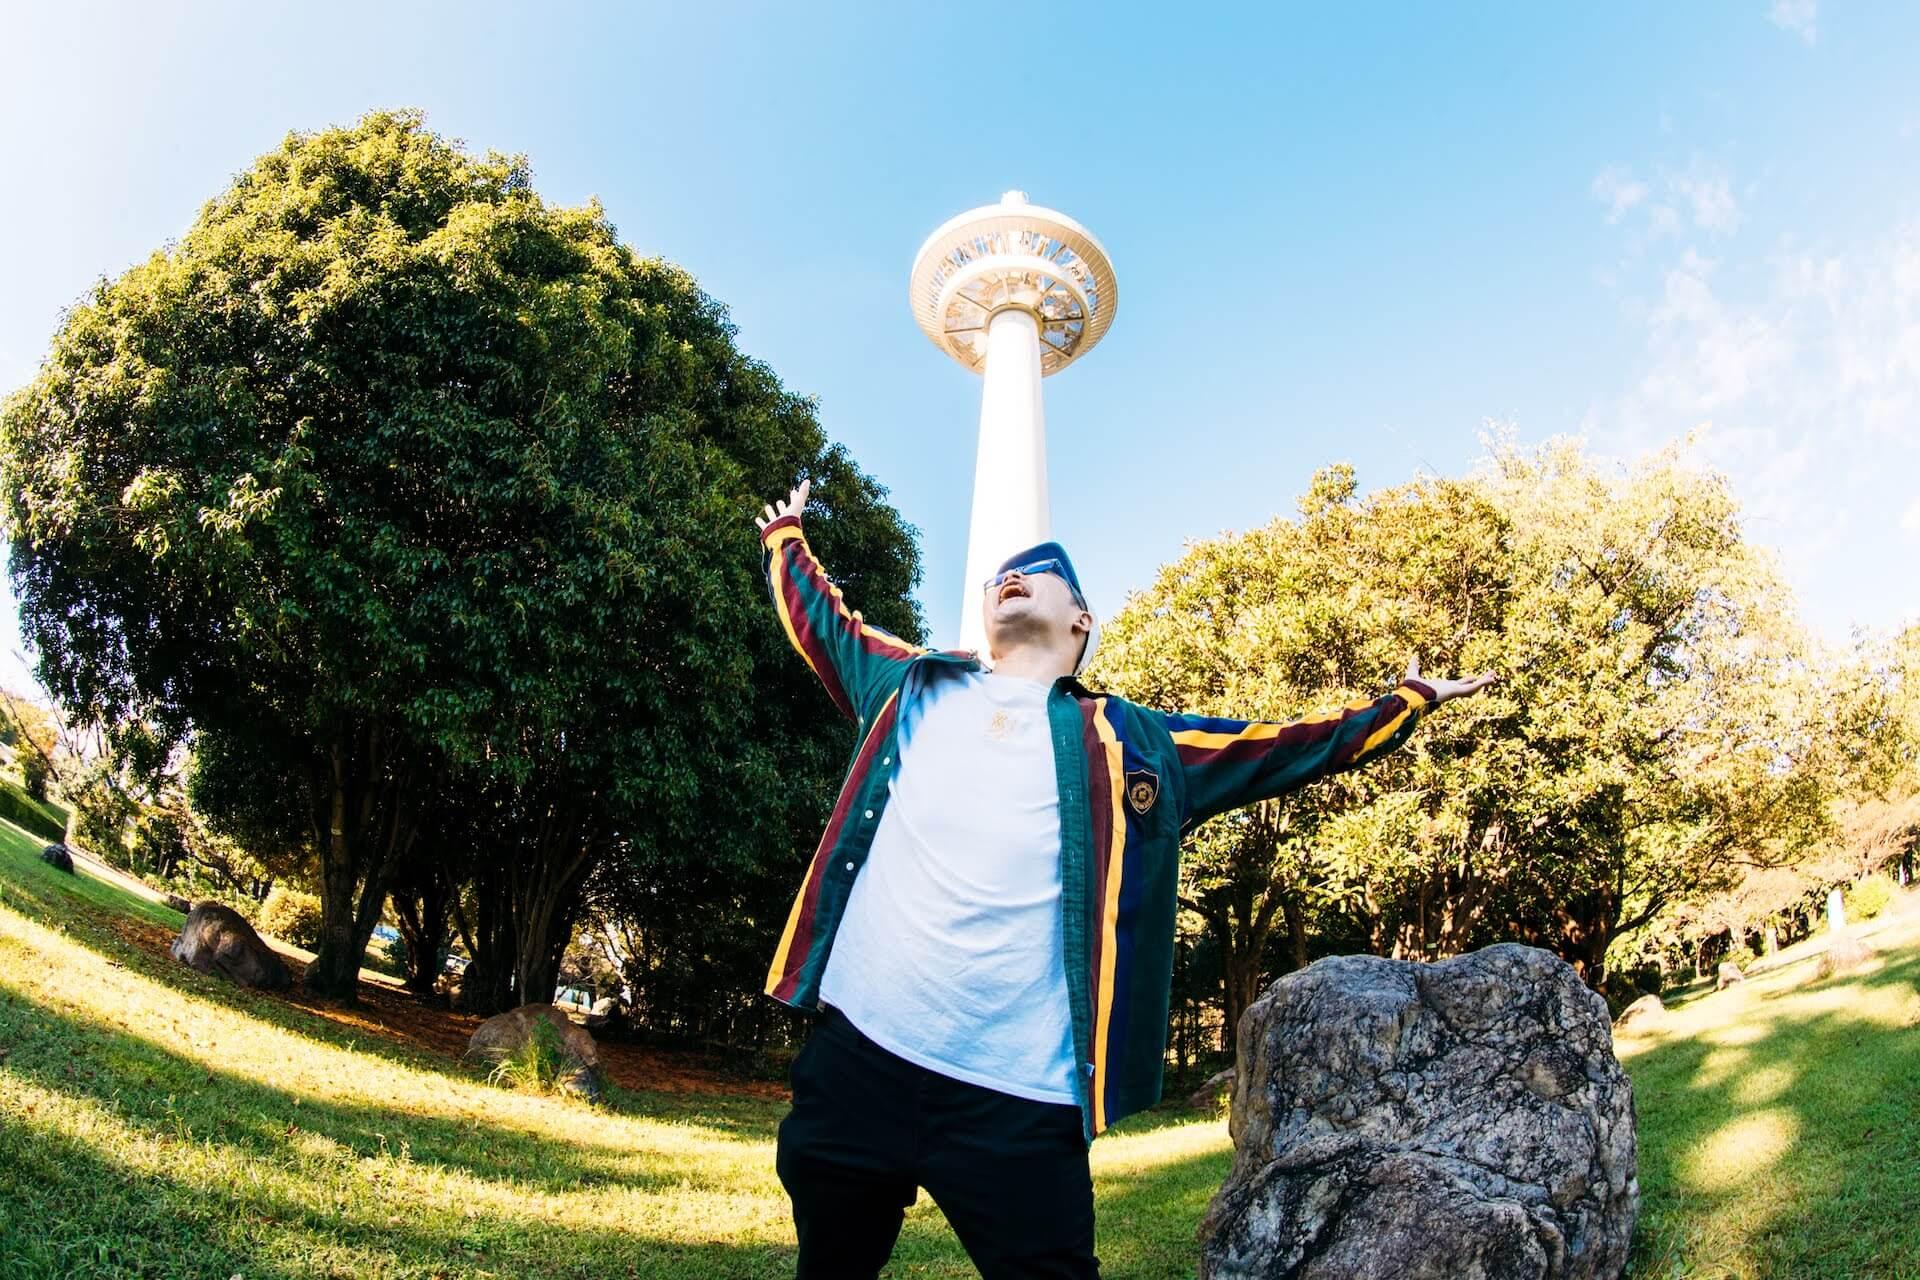 KMCが新作EPを来週配信リリース プロデューサーにSTUTS、VOLOJZAら、客演にMETEORが参加 music210107-kmc-2